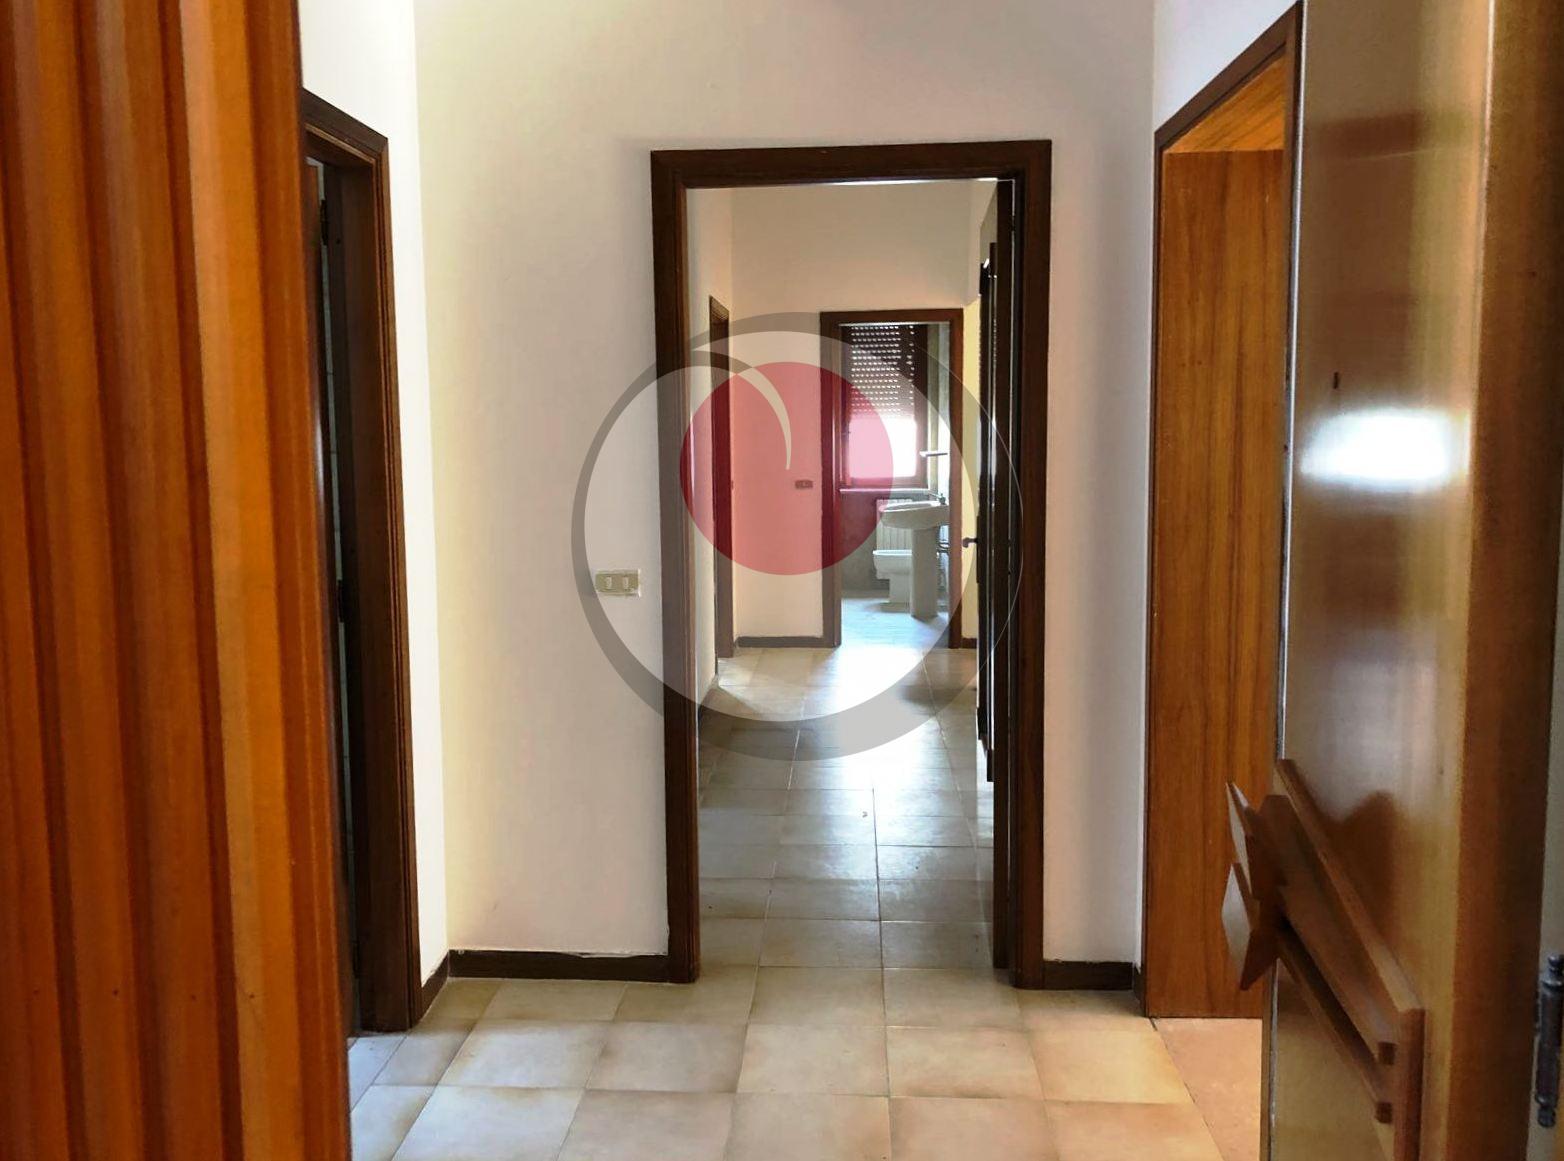 Appartamento in vendita a Mozzagrogna, 7 locali, prezzo € 120.000 | CambioCasa.it